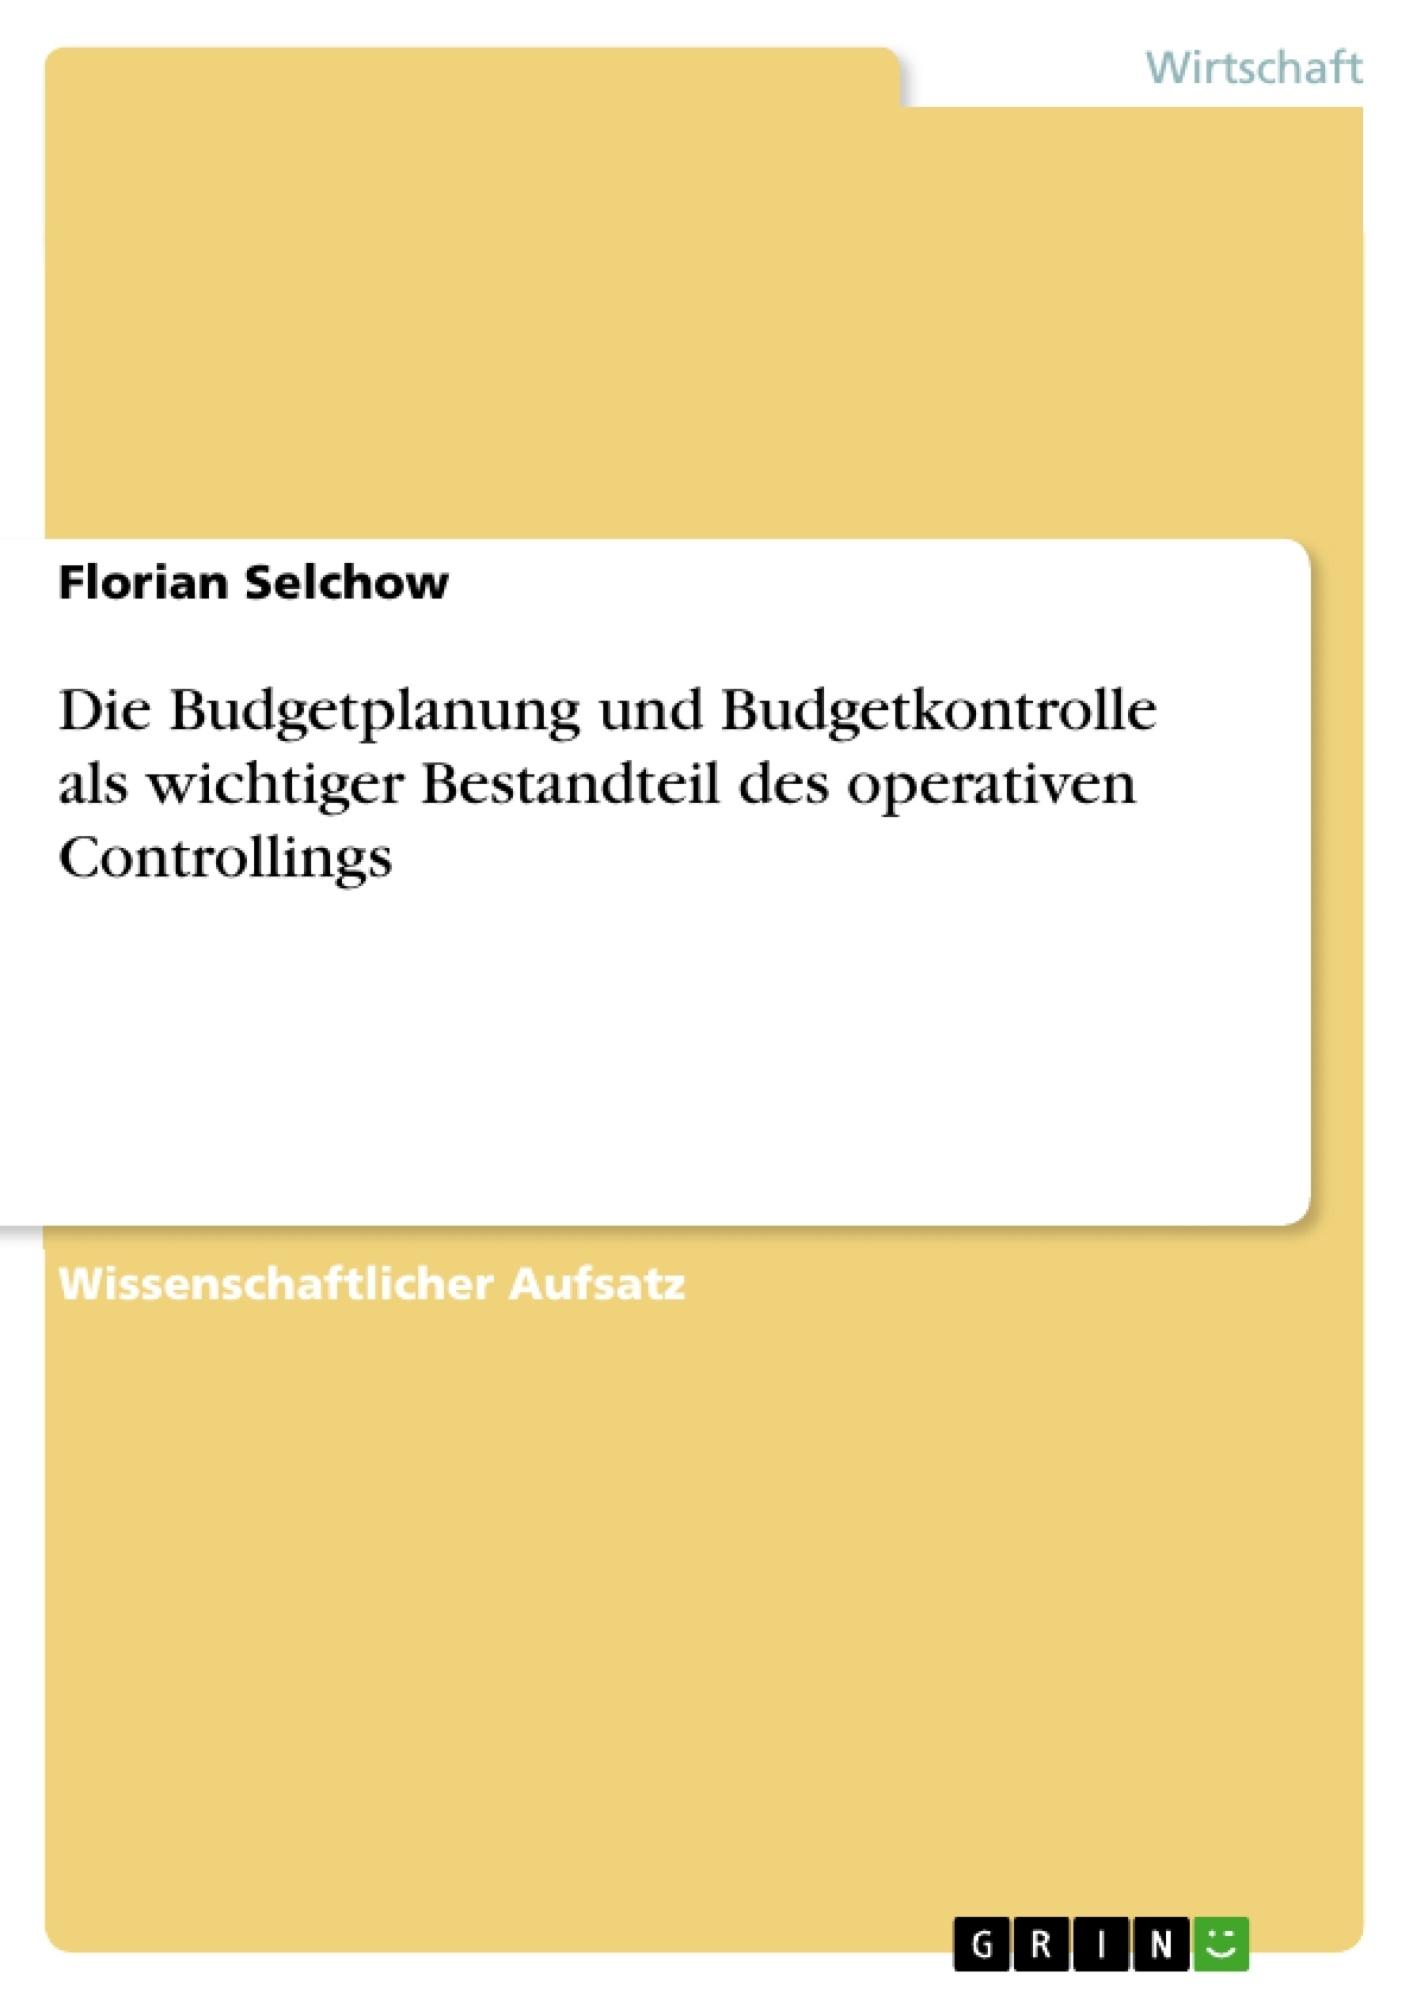 Titel: Die Budgetplanung und Budgetkontrolle als wichtiger Bestandteil des operativen Controllings